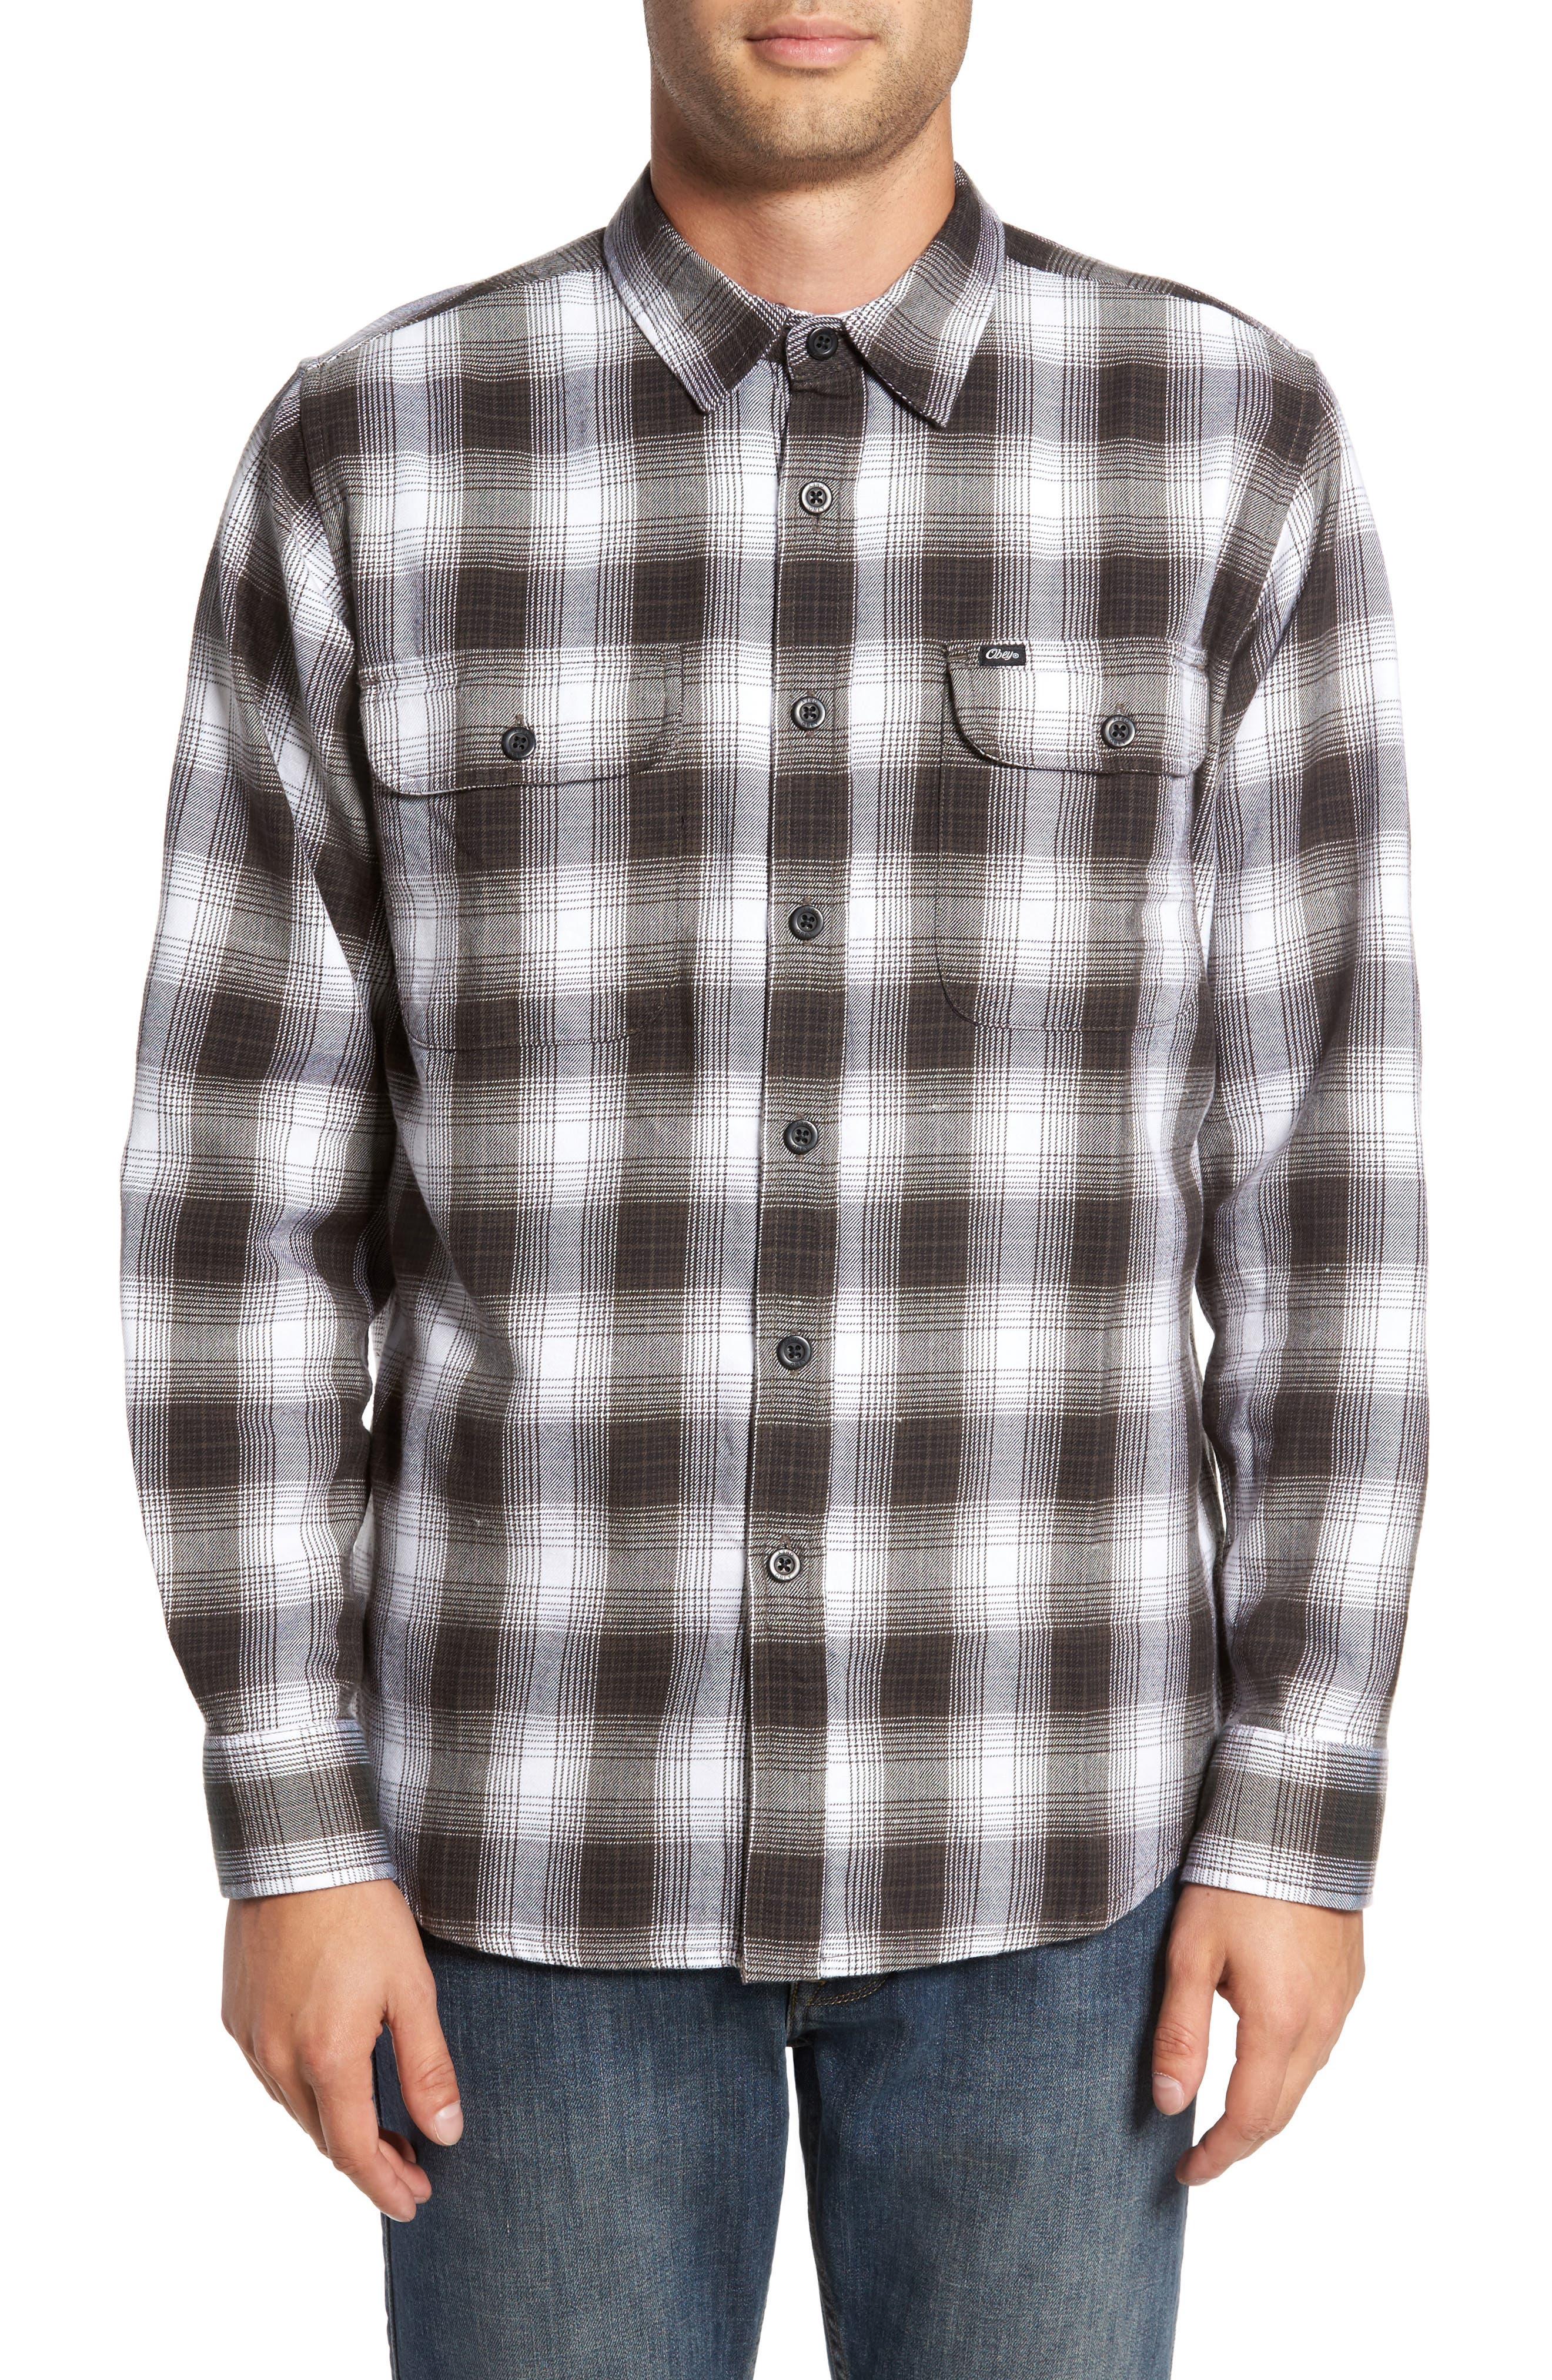 Kemper Plaid Woven Shirt,                         Main,                         color, Black Multi